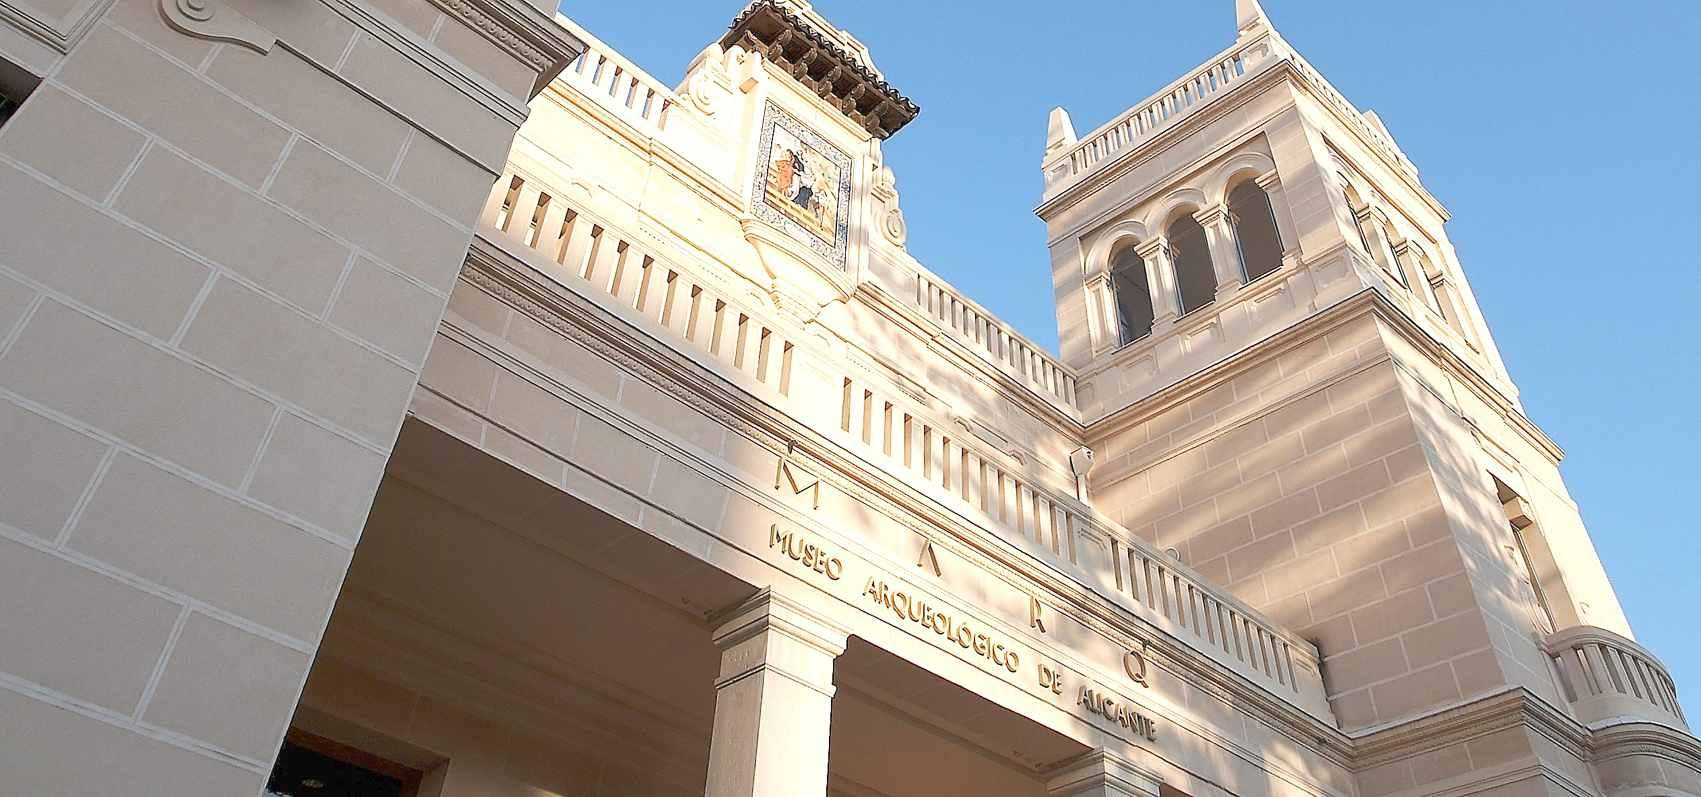 La UE atorga al Museu Arqueològic d'Alacant el Segell  de l'Any Europeu del Patrimoni Cultural